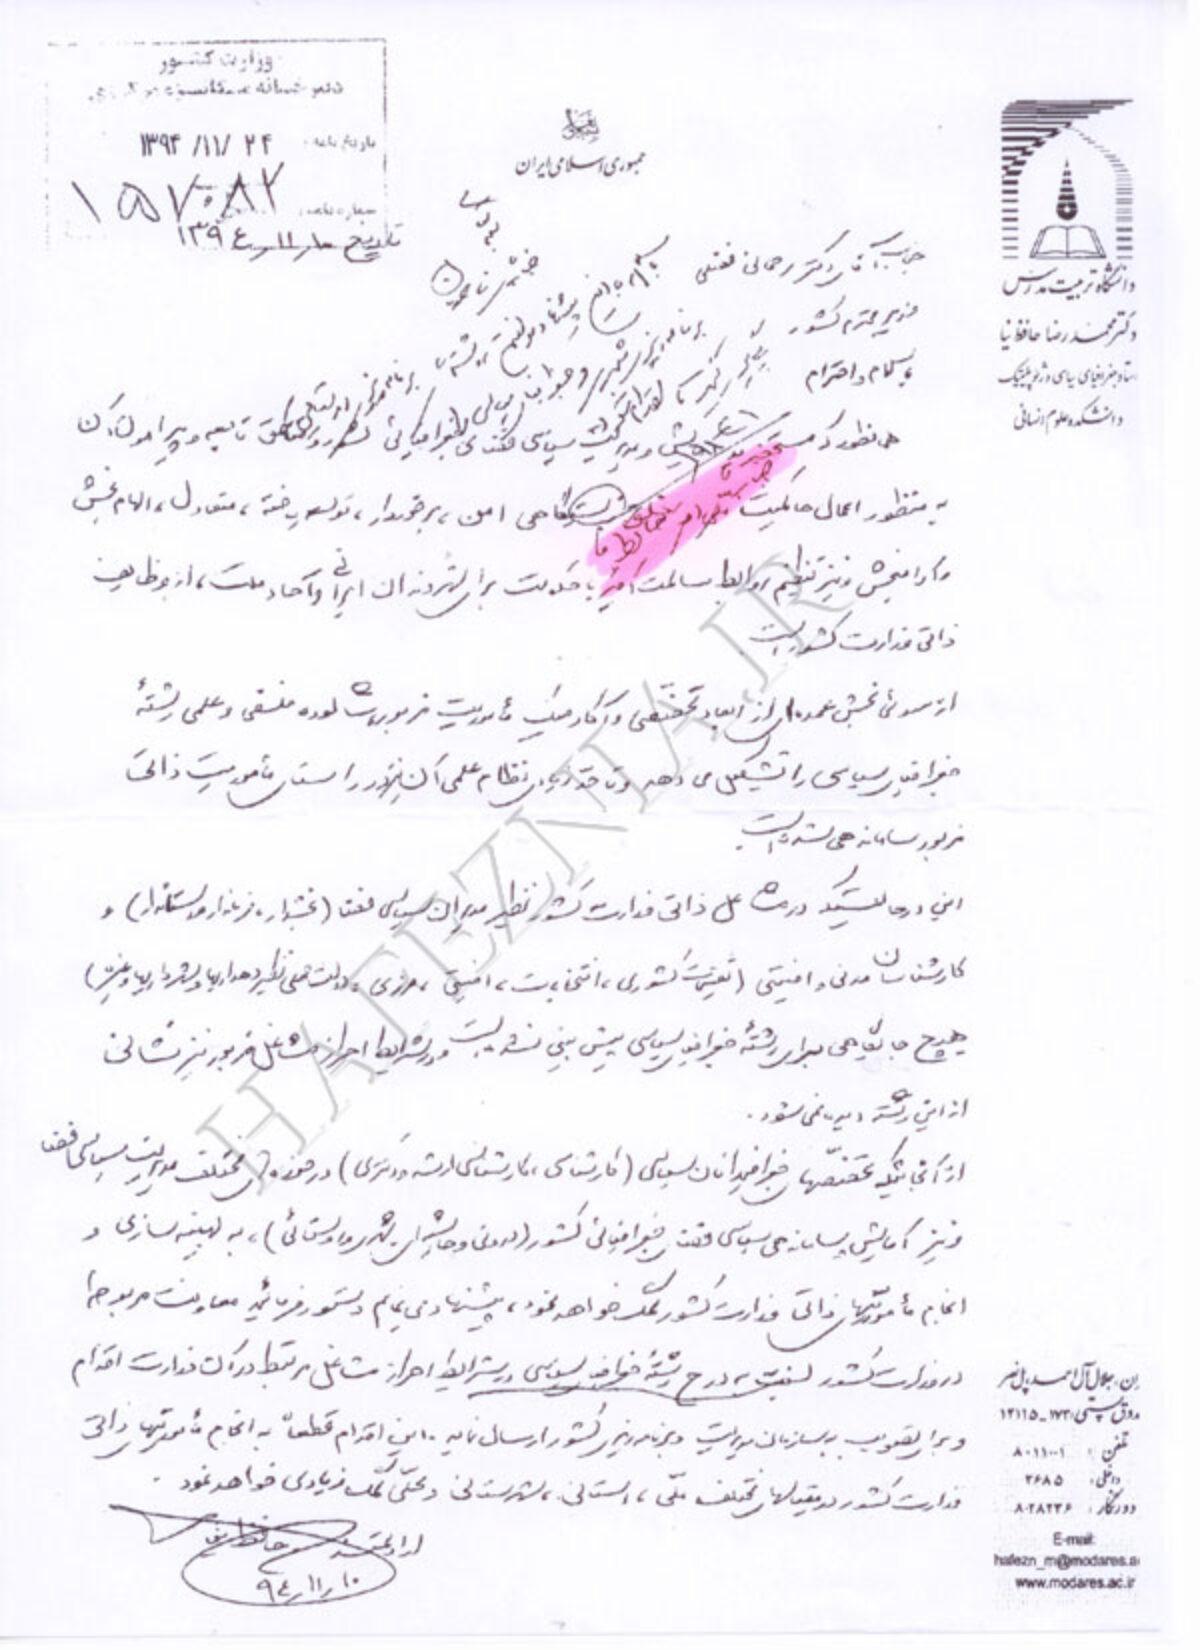 دستور وزیر محترم کشور بر روی نامه پیشنهاد استخدام جغرافیدانان سیاسی